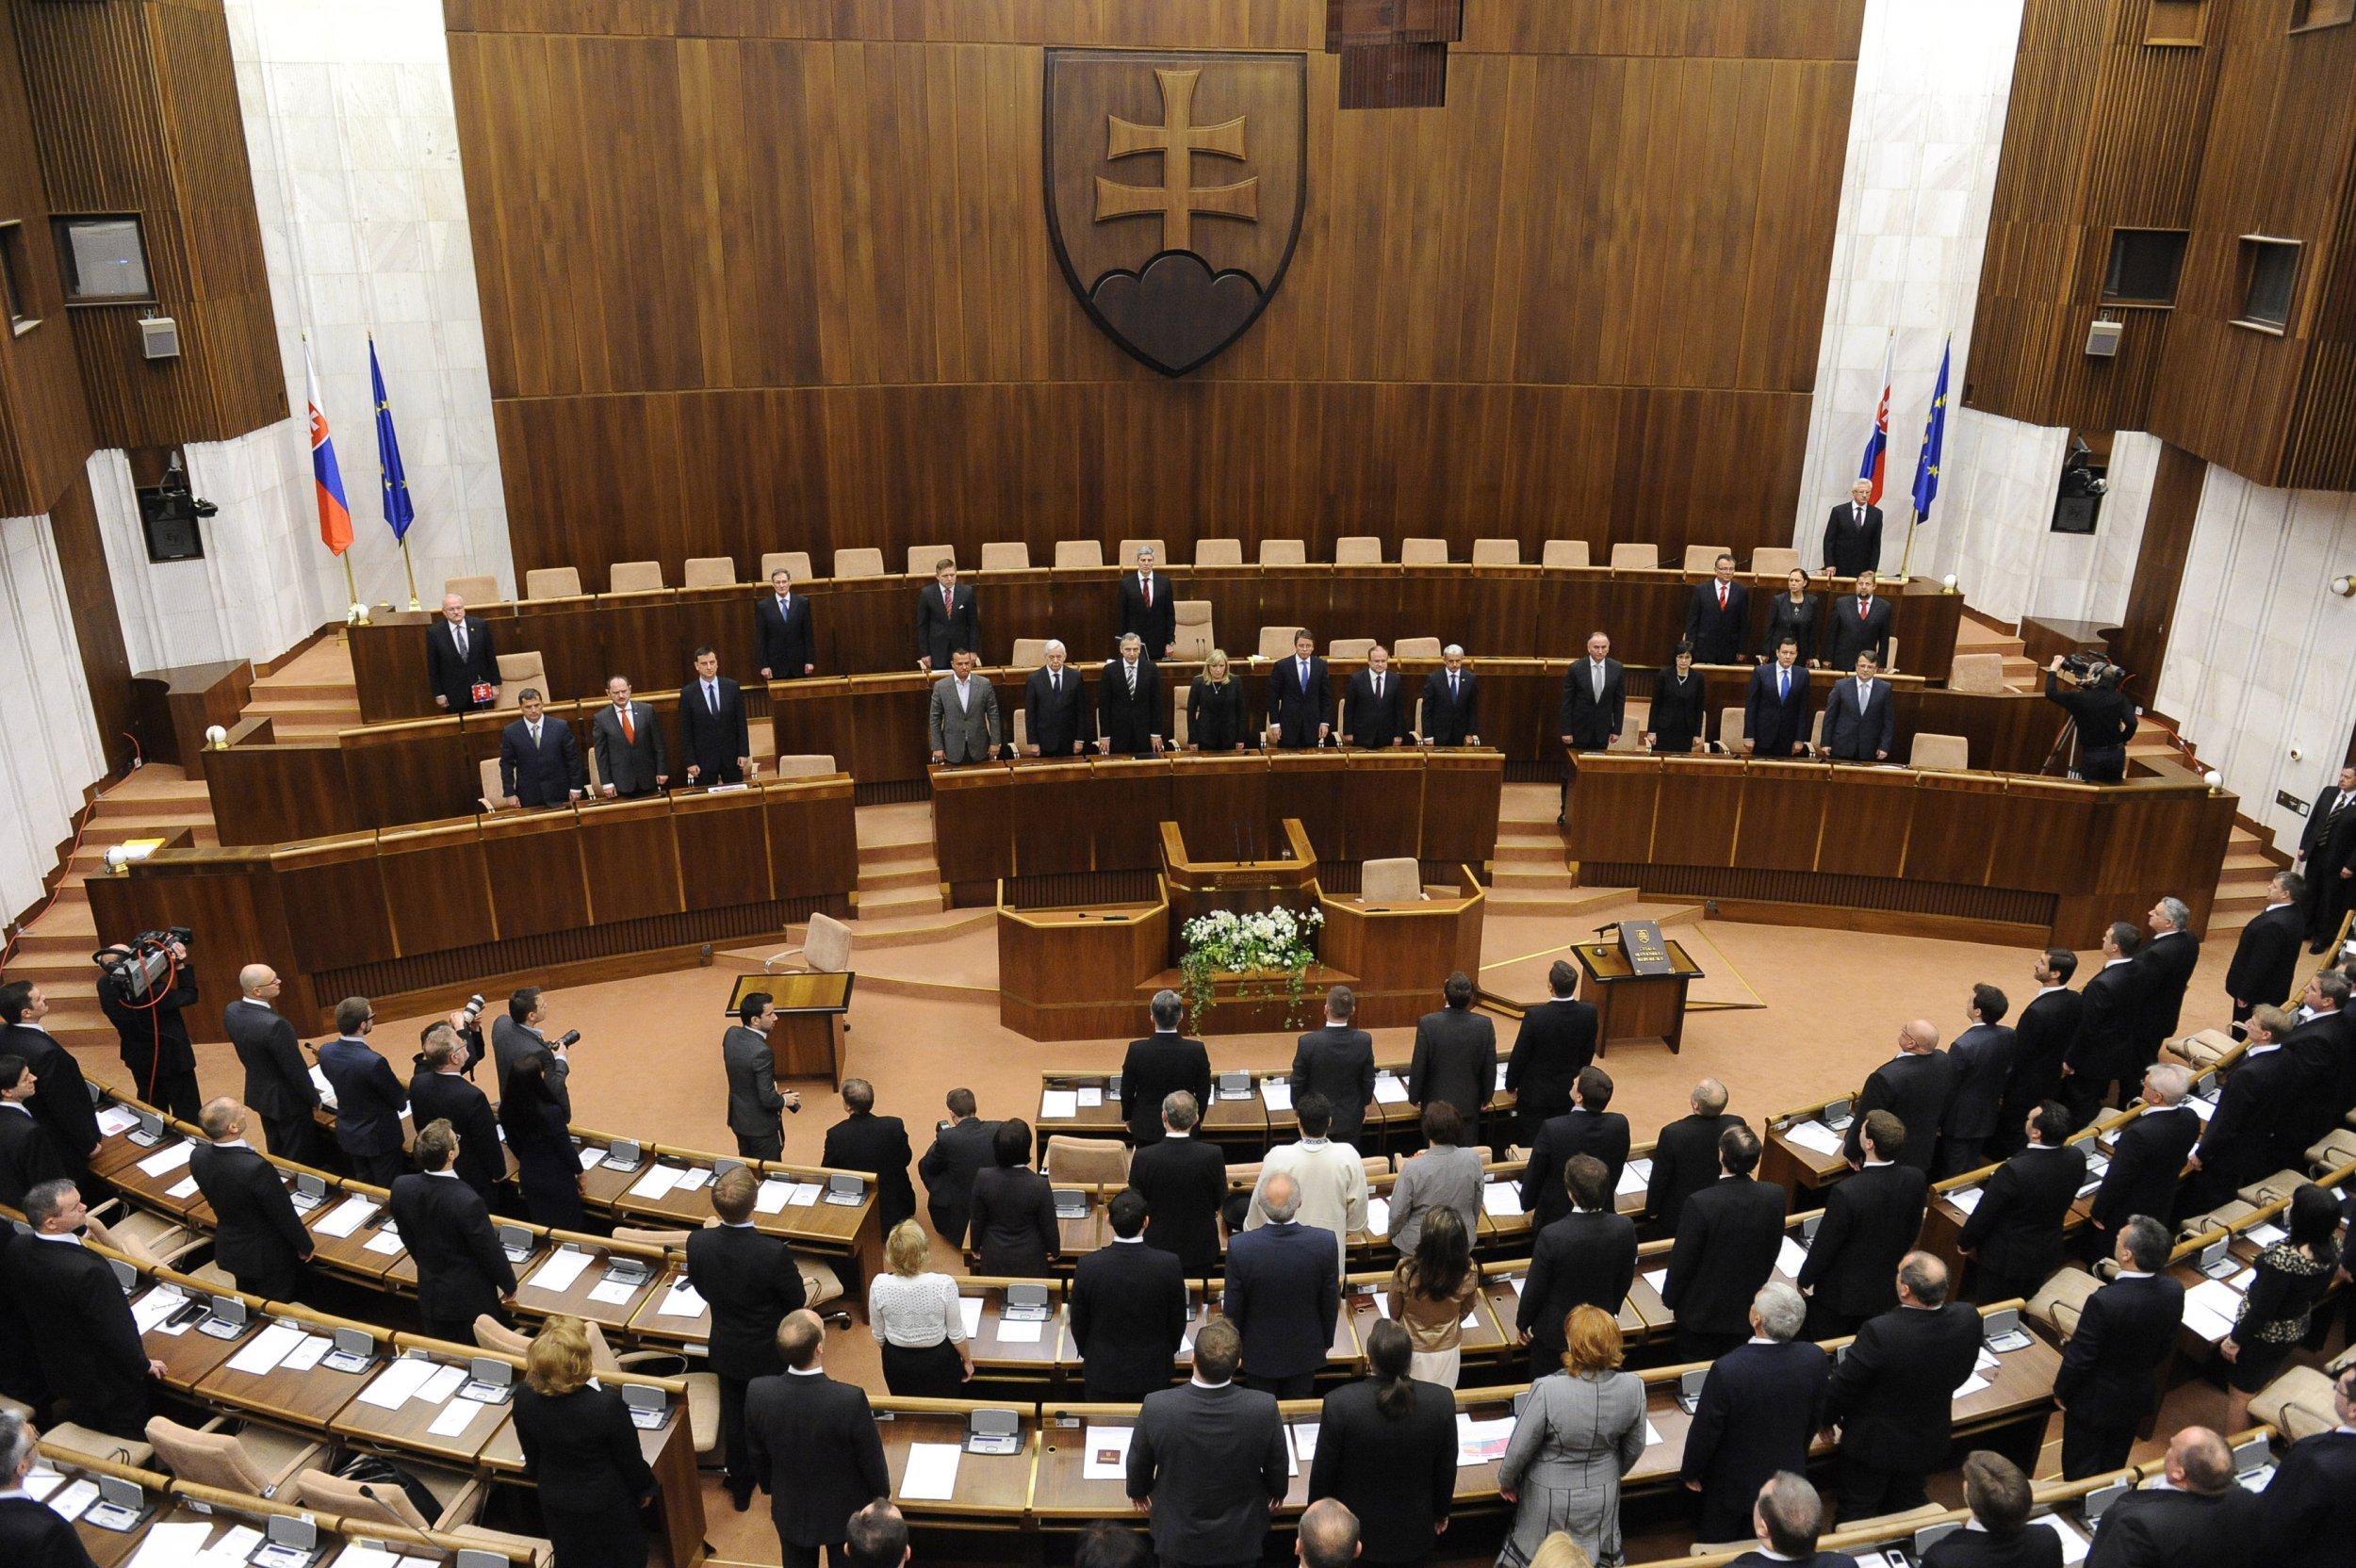 Znalezione obrazy dla zapytania slovakian parliament